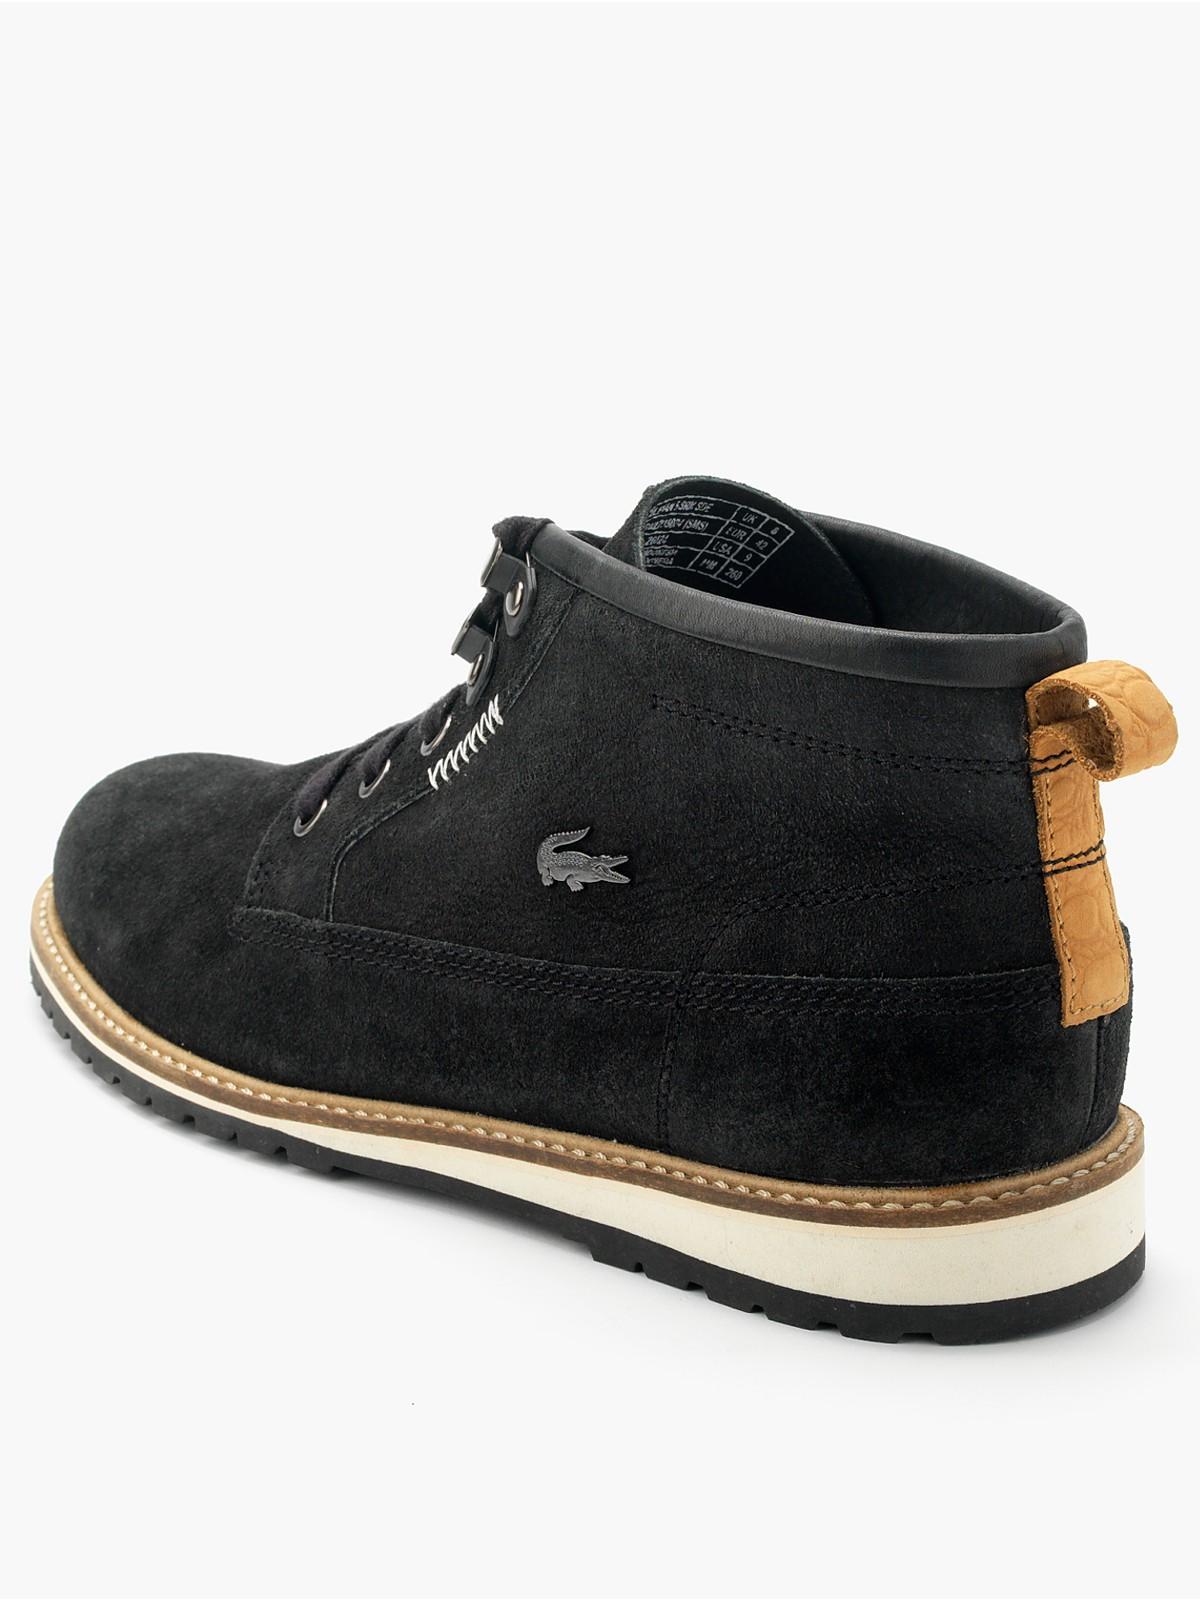 Cheap Mens Volleyball Shoes Images Adidas Samba